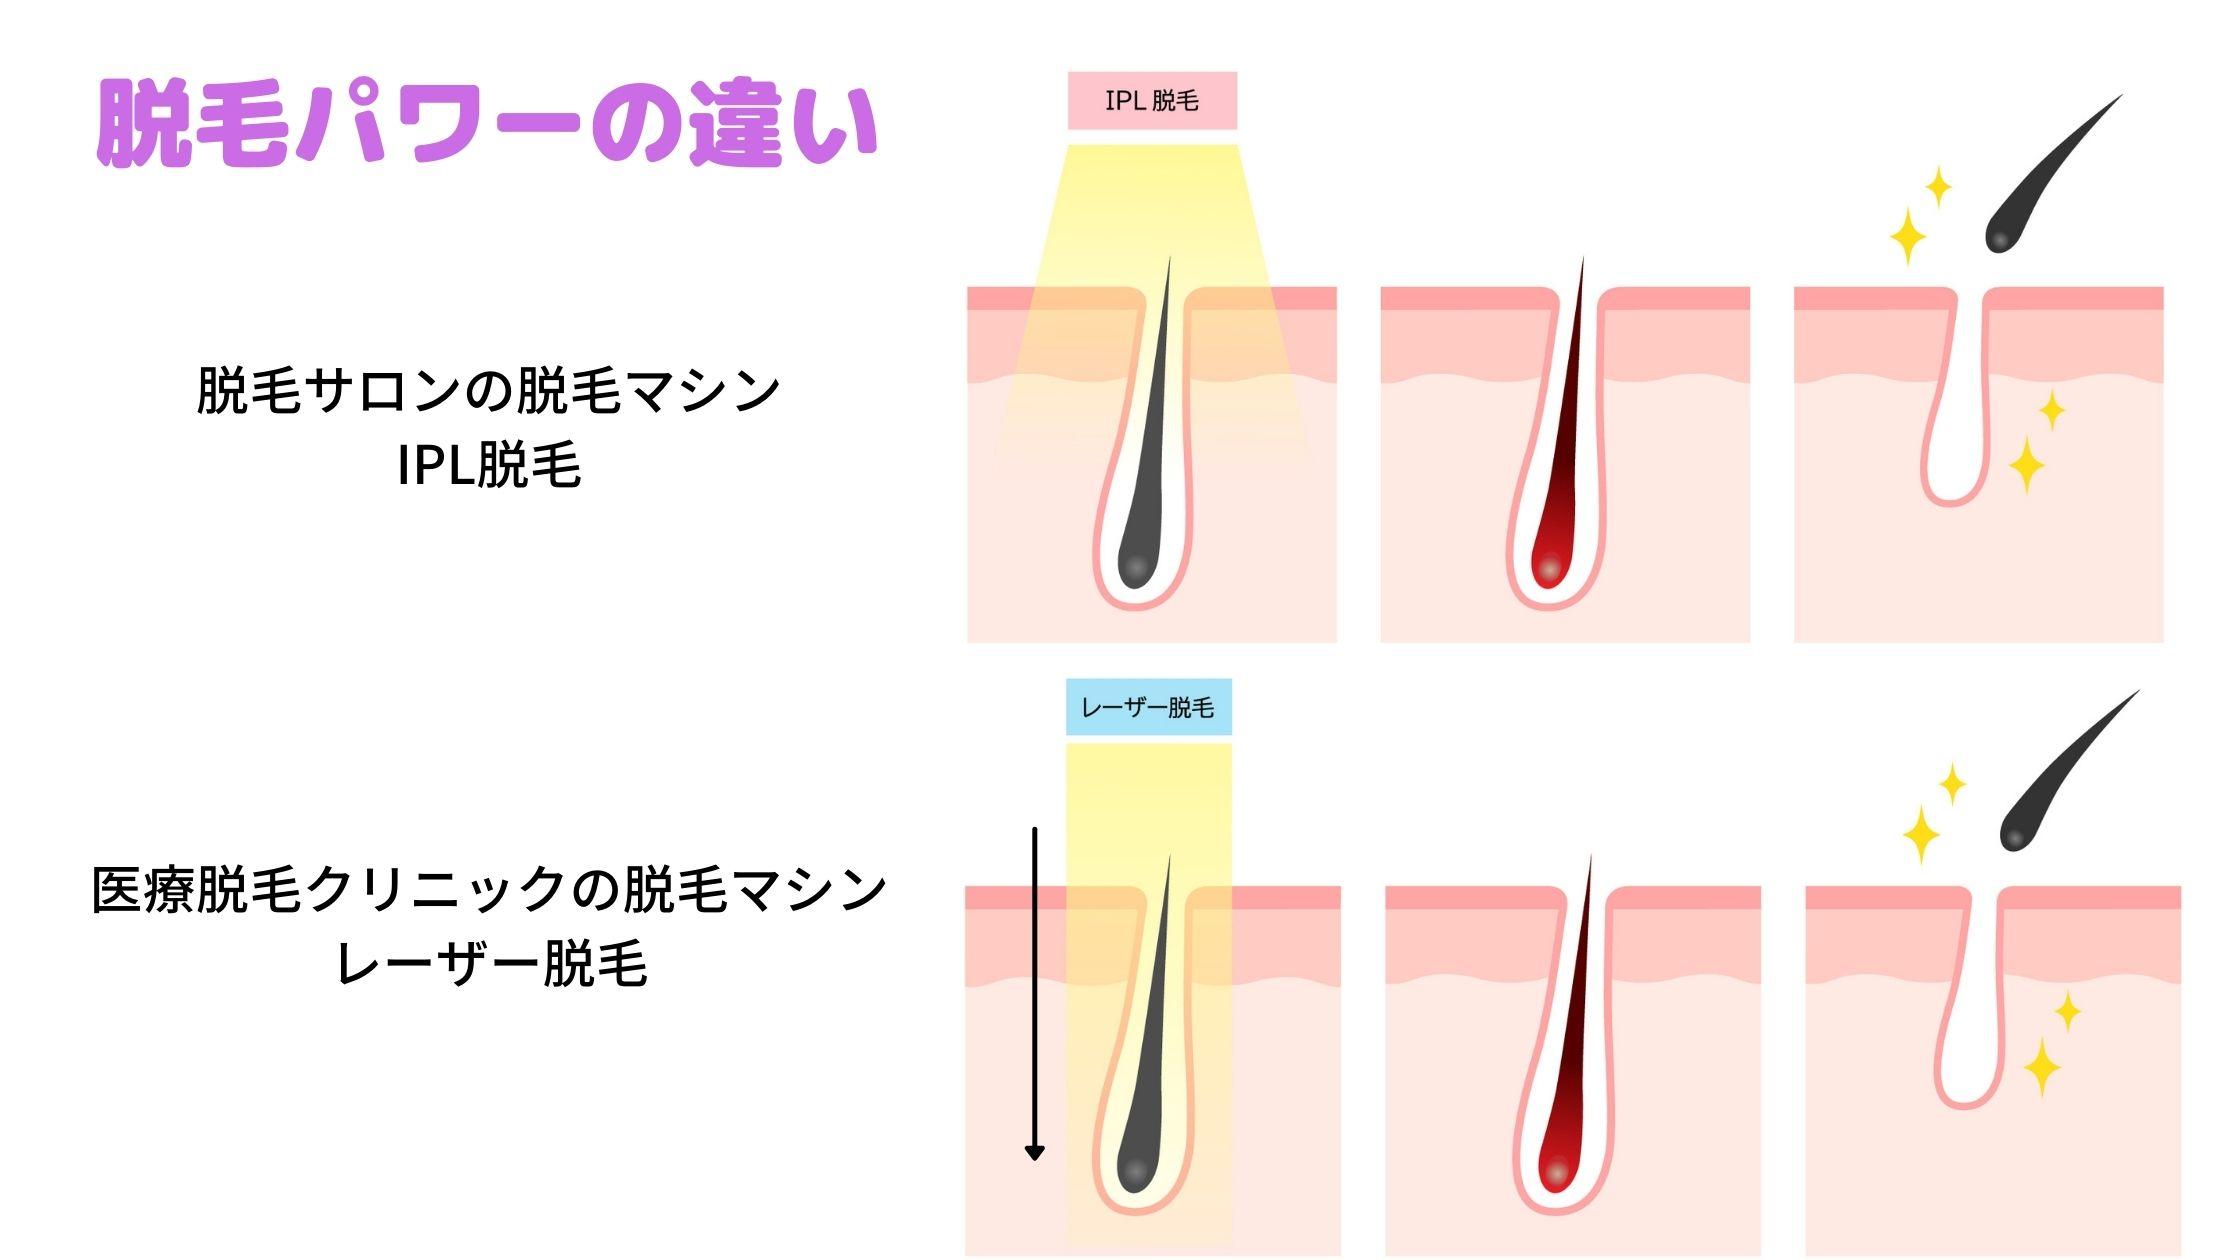 医療脱毛で効果を感じる回数や期間について足りない時に追加できる?産毛vioについても